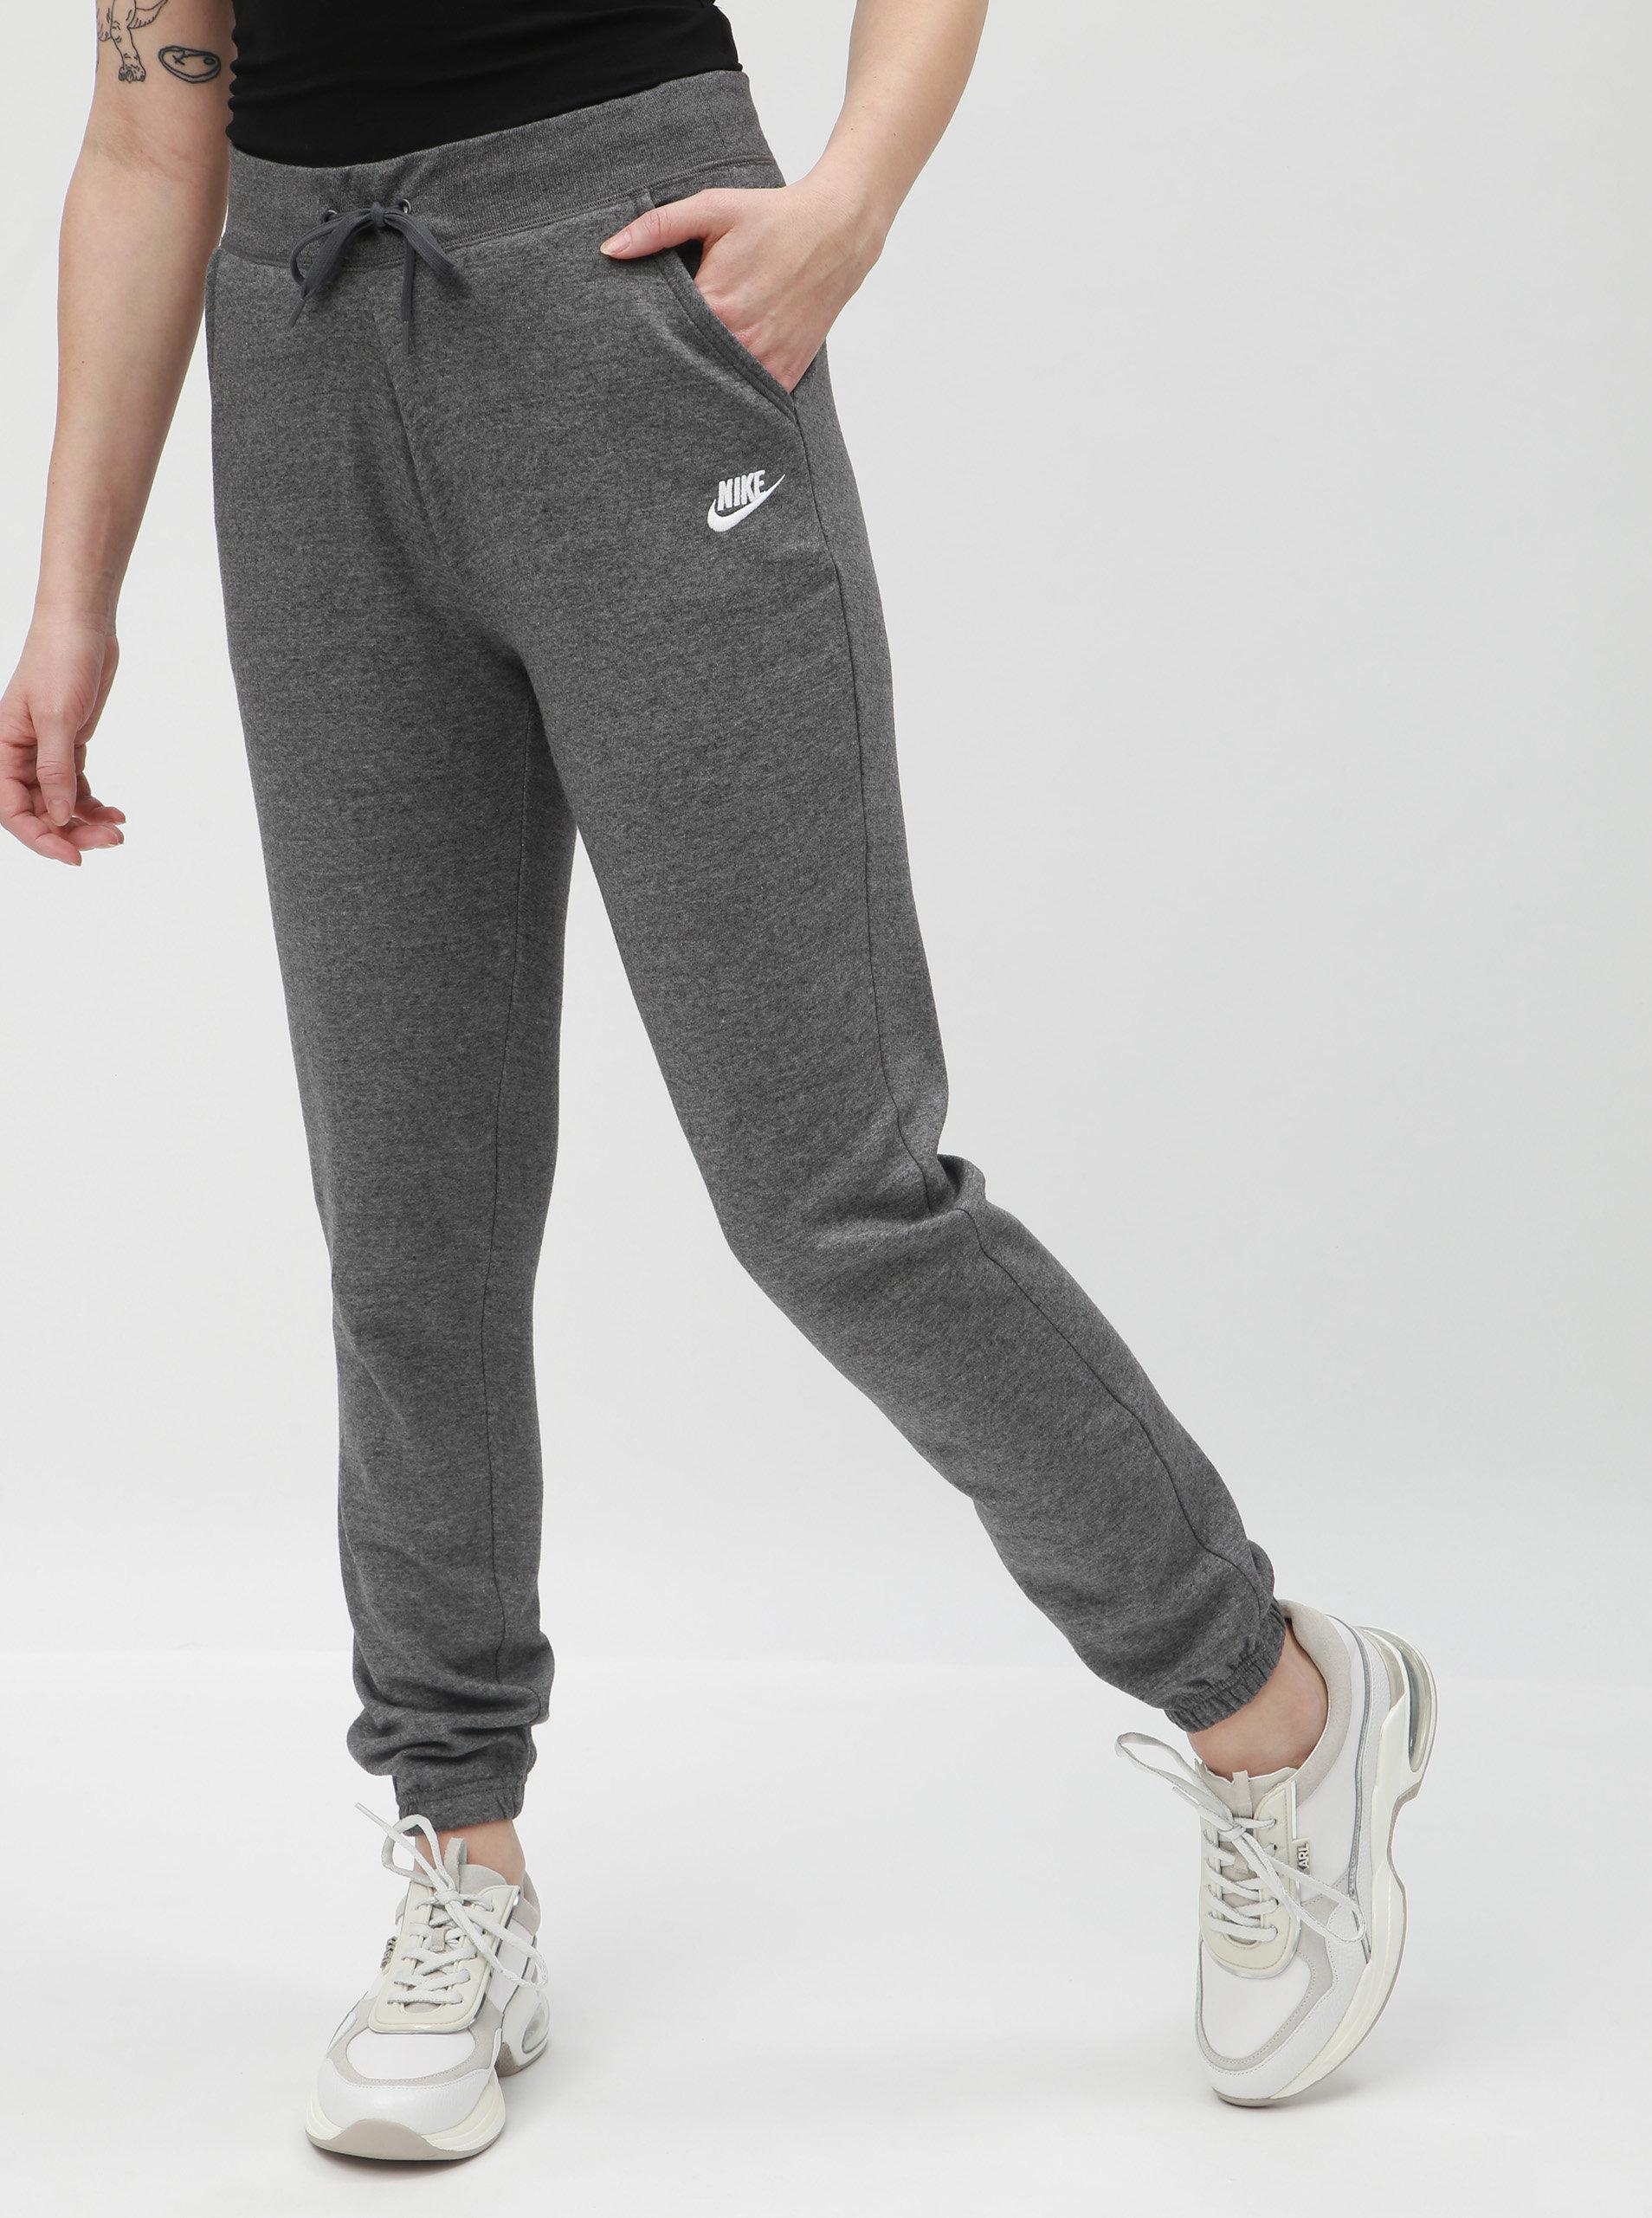 Sivé dámske melírované tepláky Nike ... 7fc3aafe17